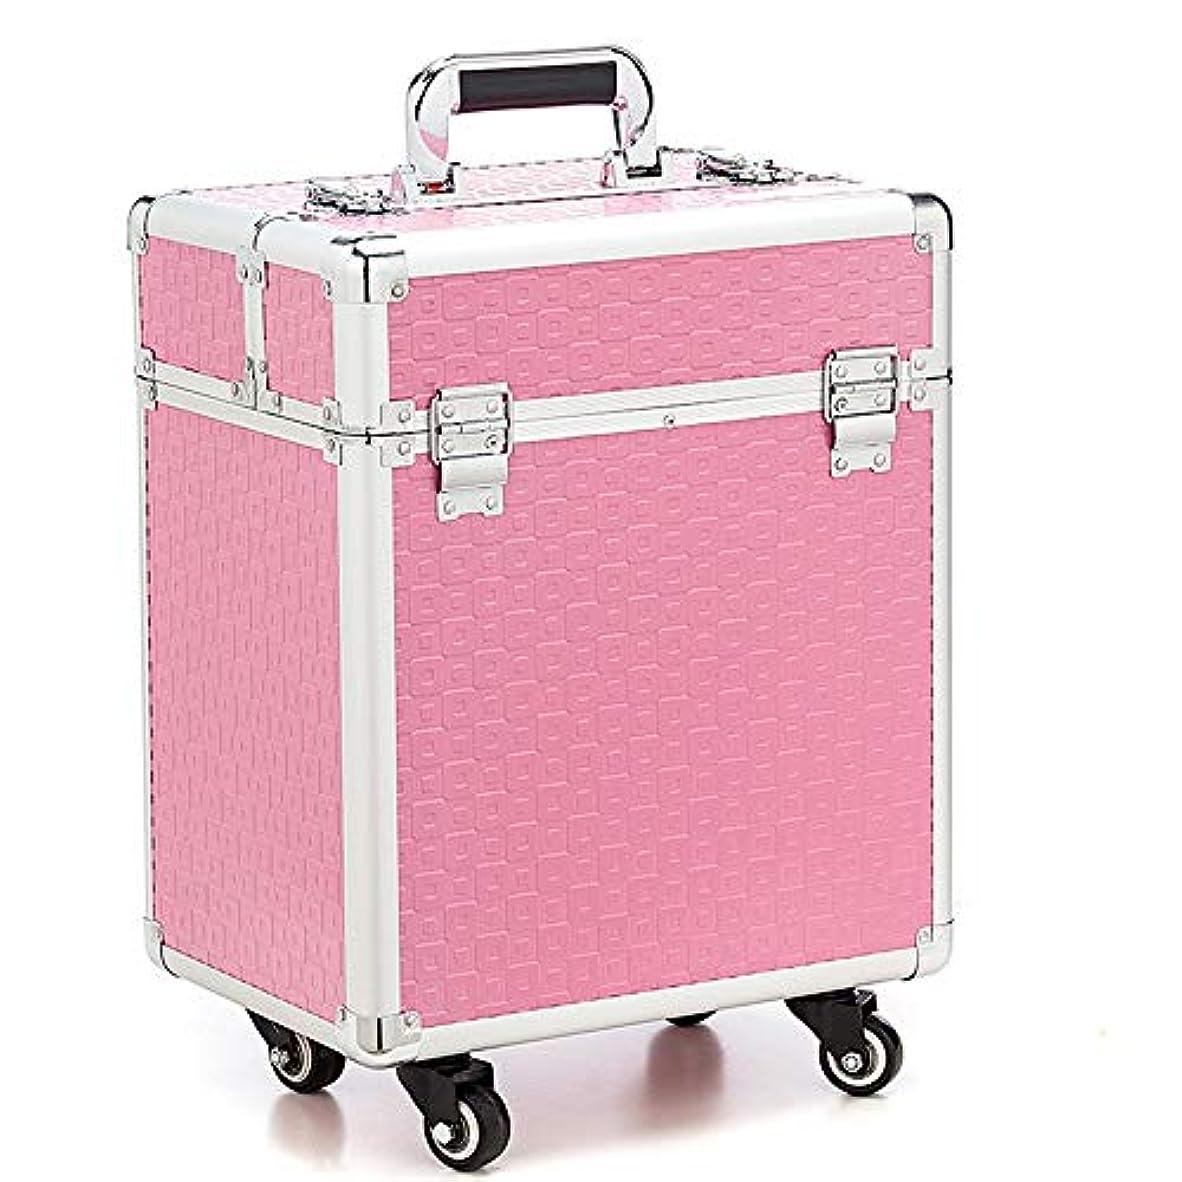 棚車両変更化粧オーガナイザーバッグ 360度ホイール3イン1プロフェッショナルアルミアーティストローリングトロリーメイクトレインケース化粧品オーガナイザー収納ボックス用ティーンガールズ女性アーティスト 化粧品ケース (色 : ピンク)